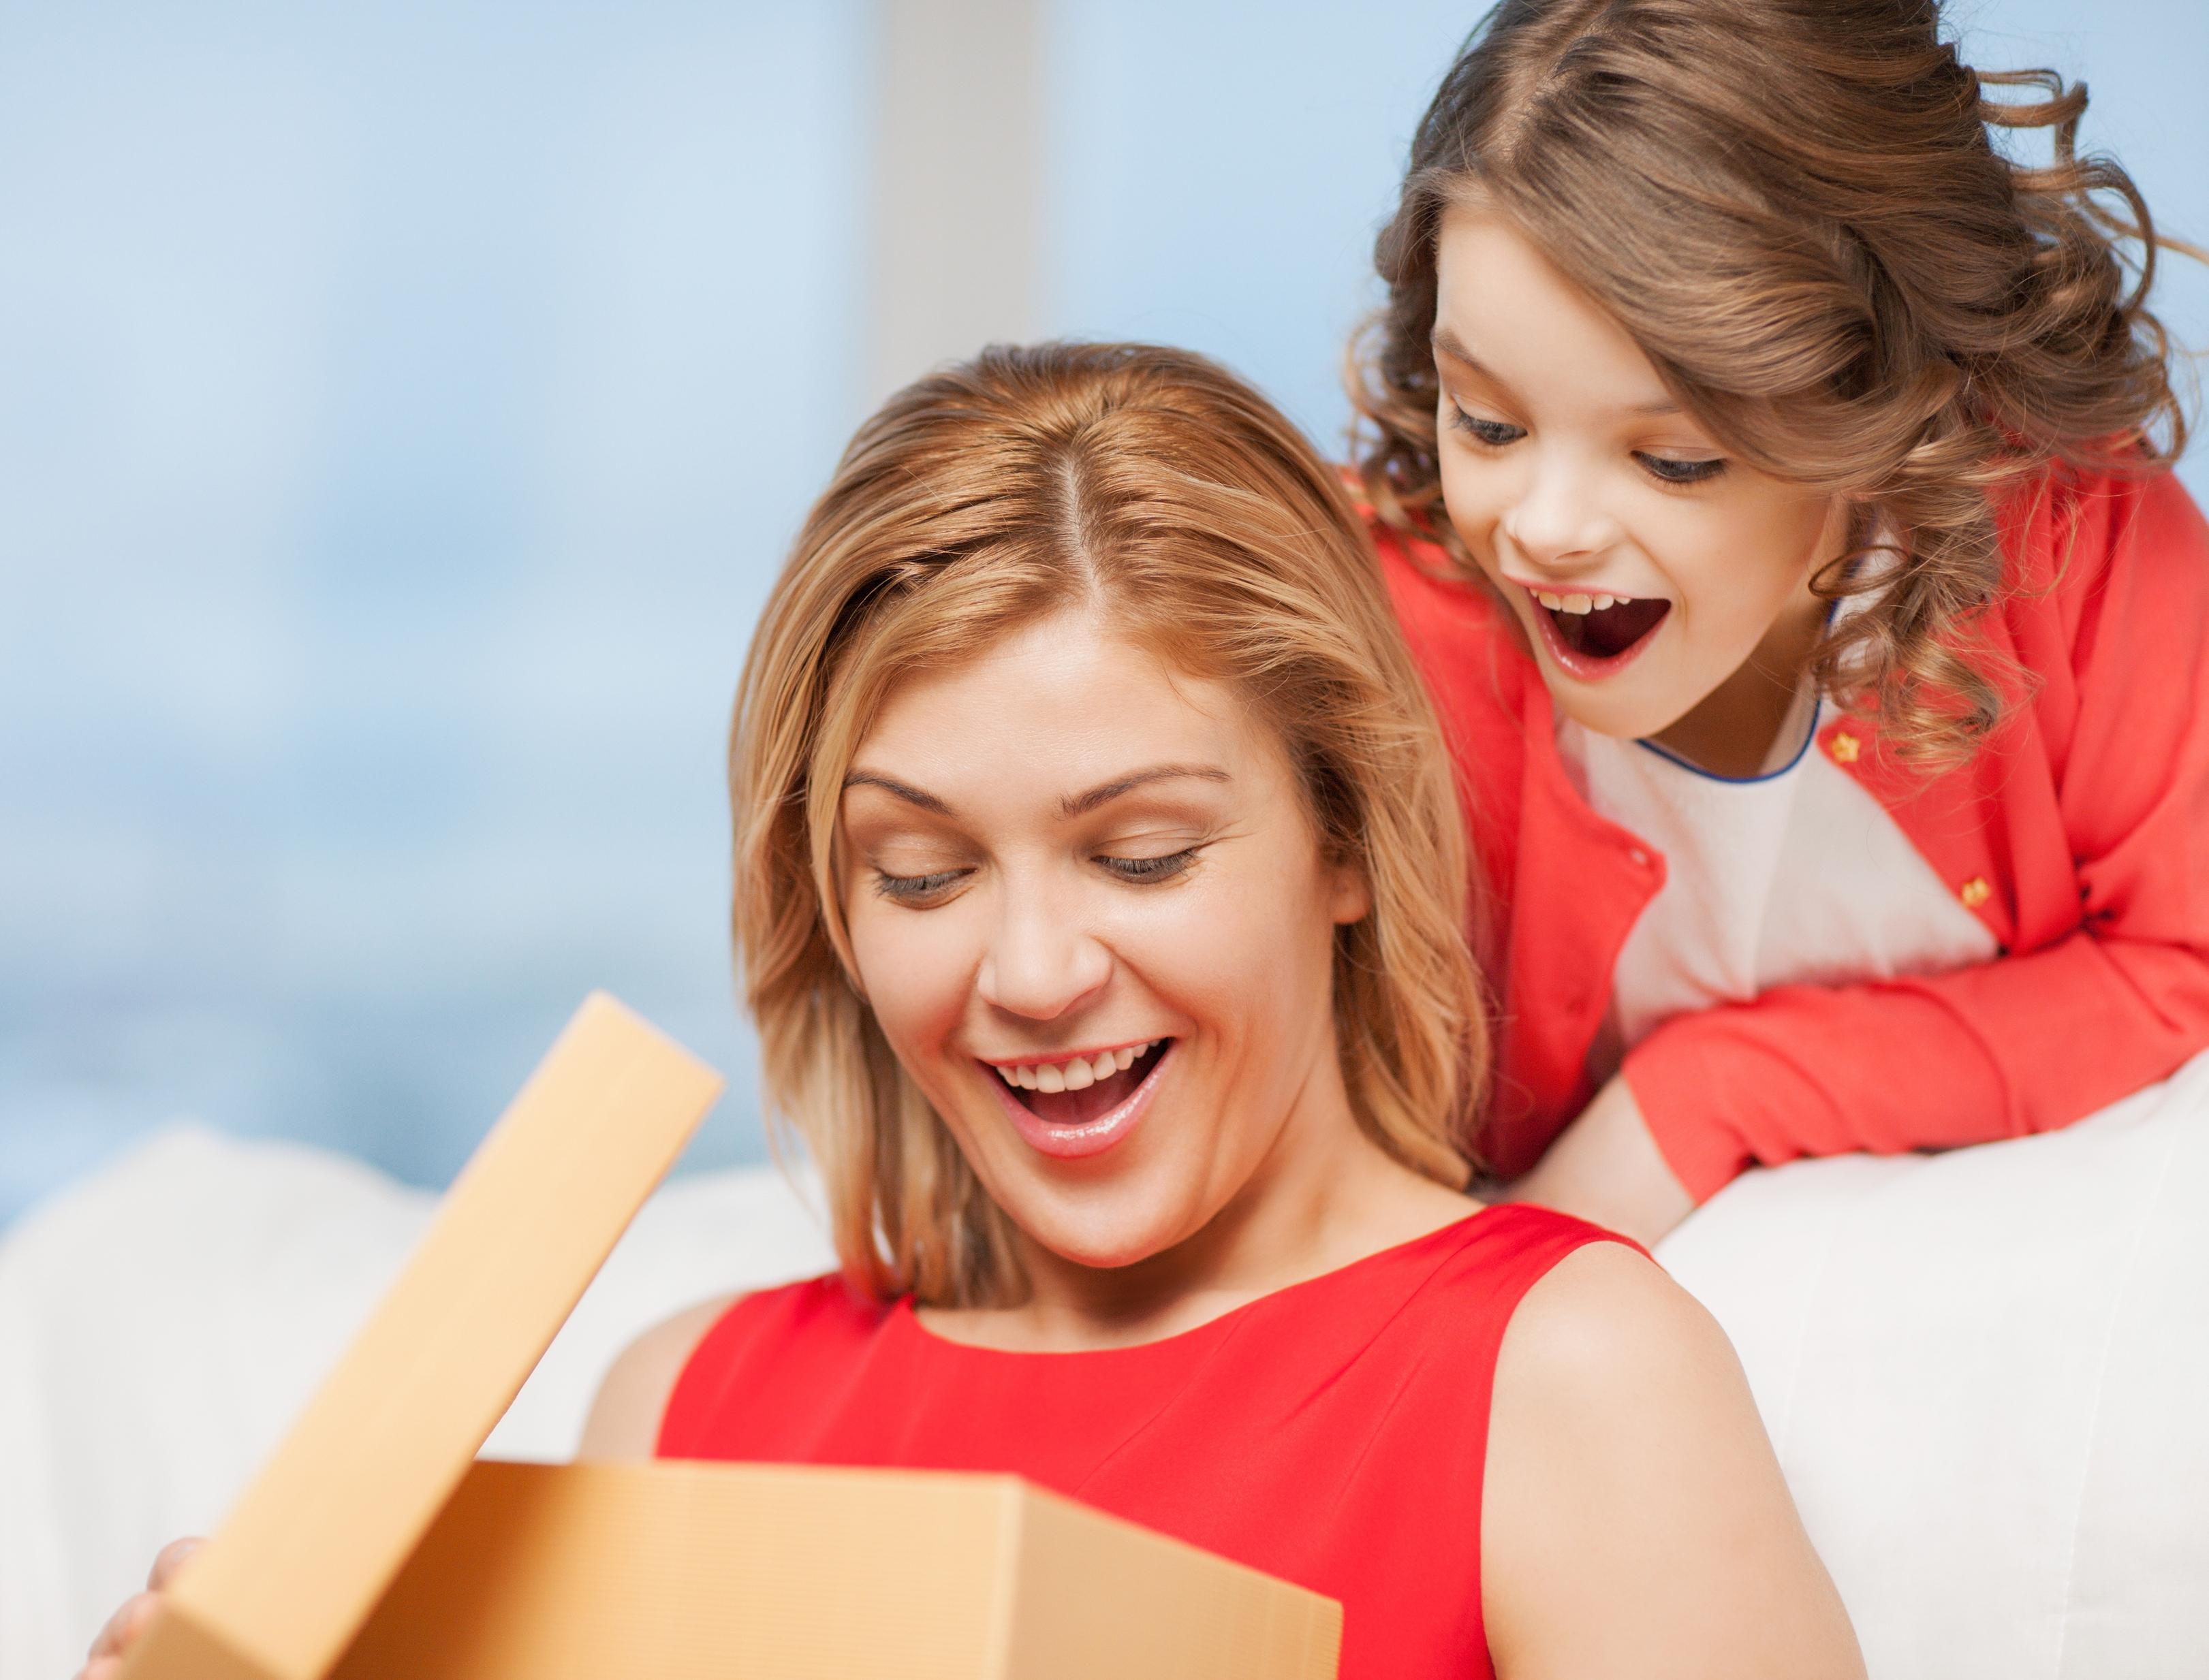 Выбрать подарок фото дочки